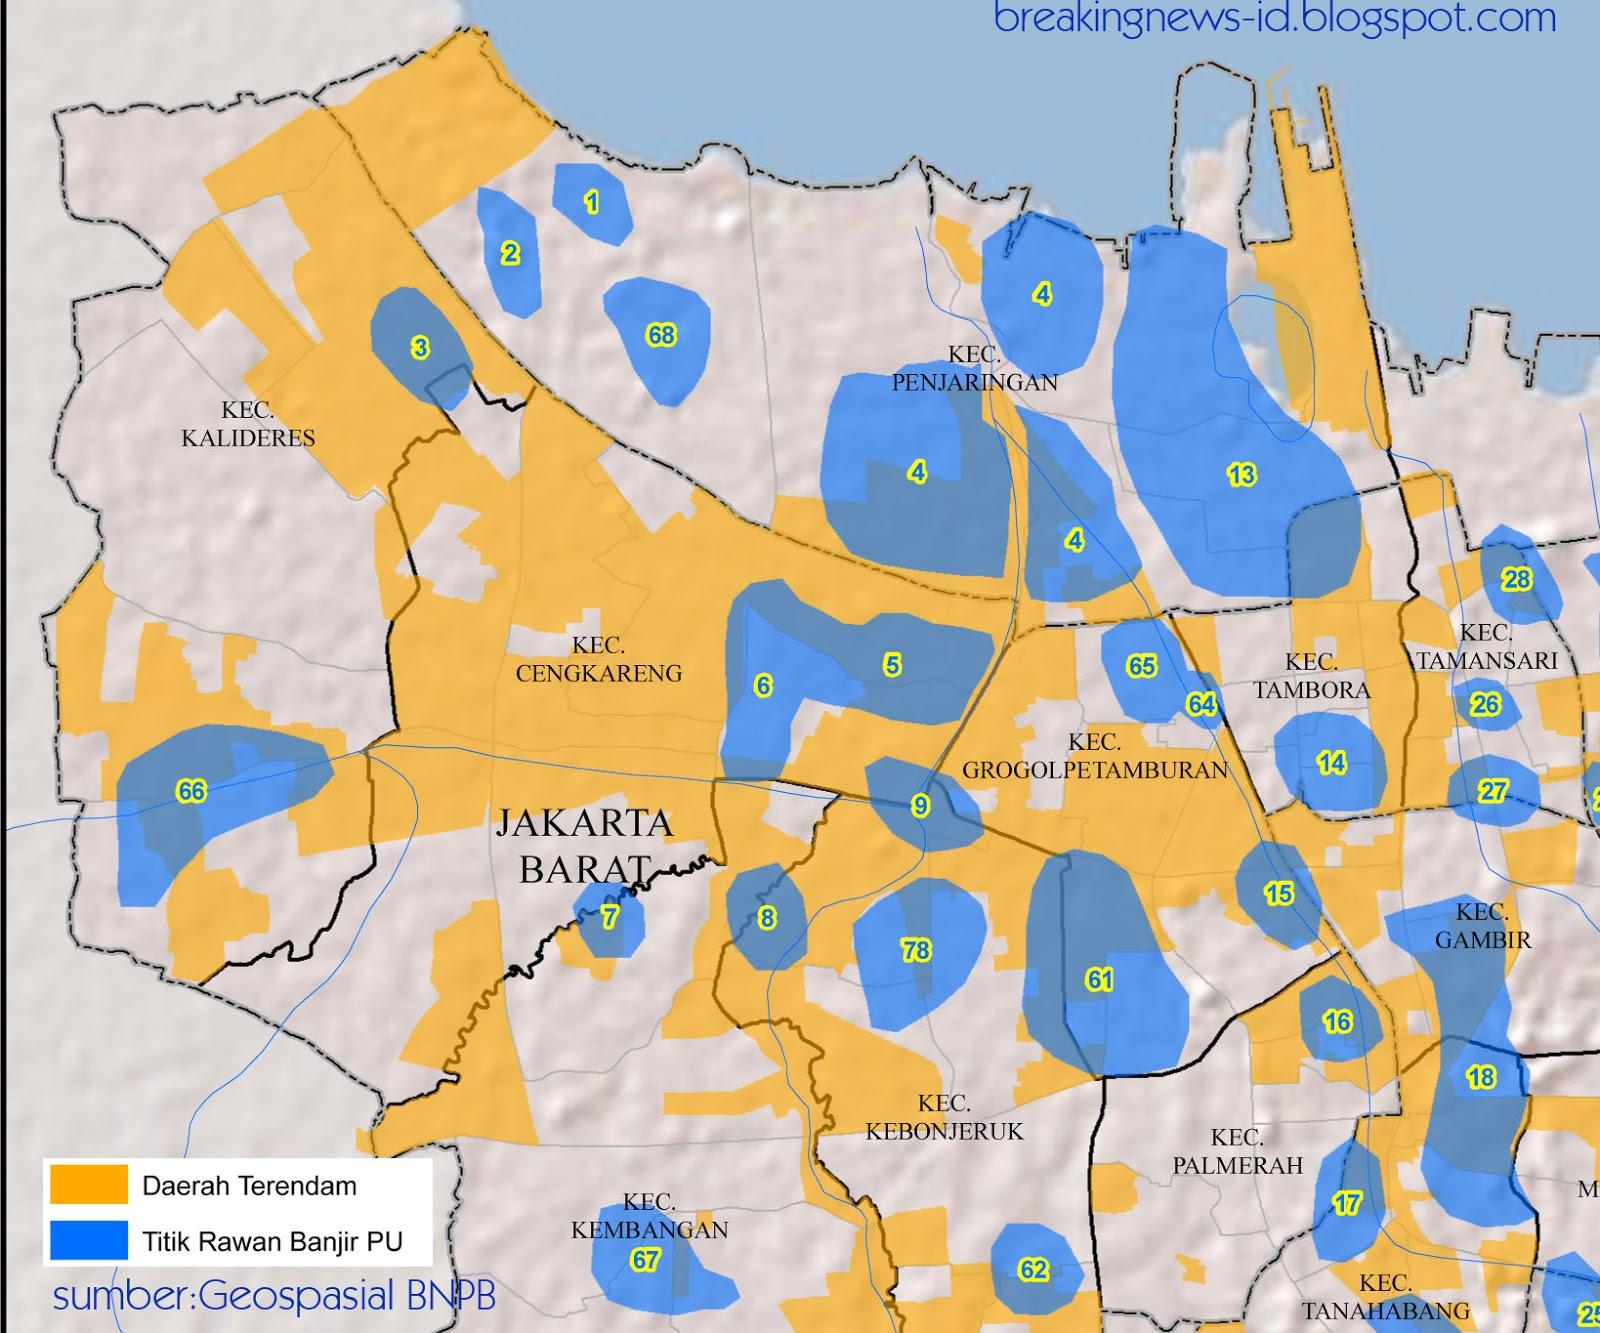 Breaking News Indonesia dan Dunia: Peta Banjir Jakarta ...